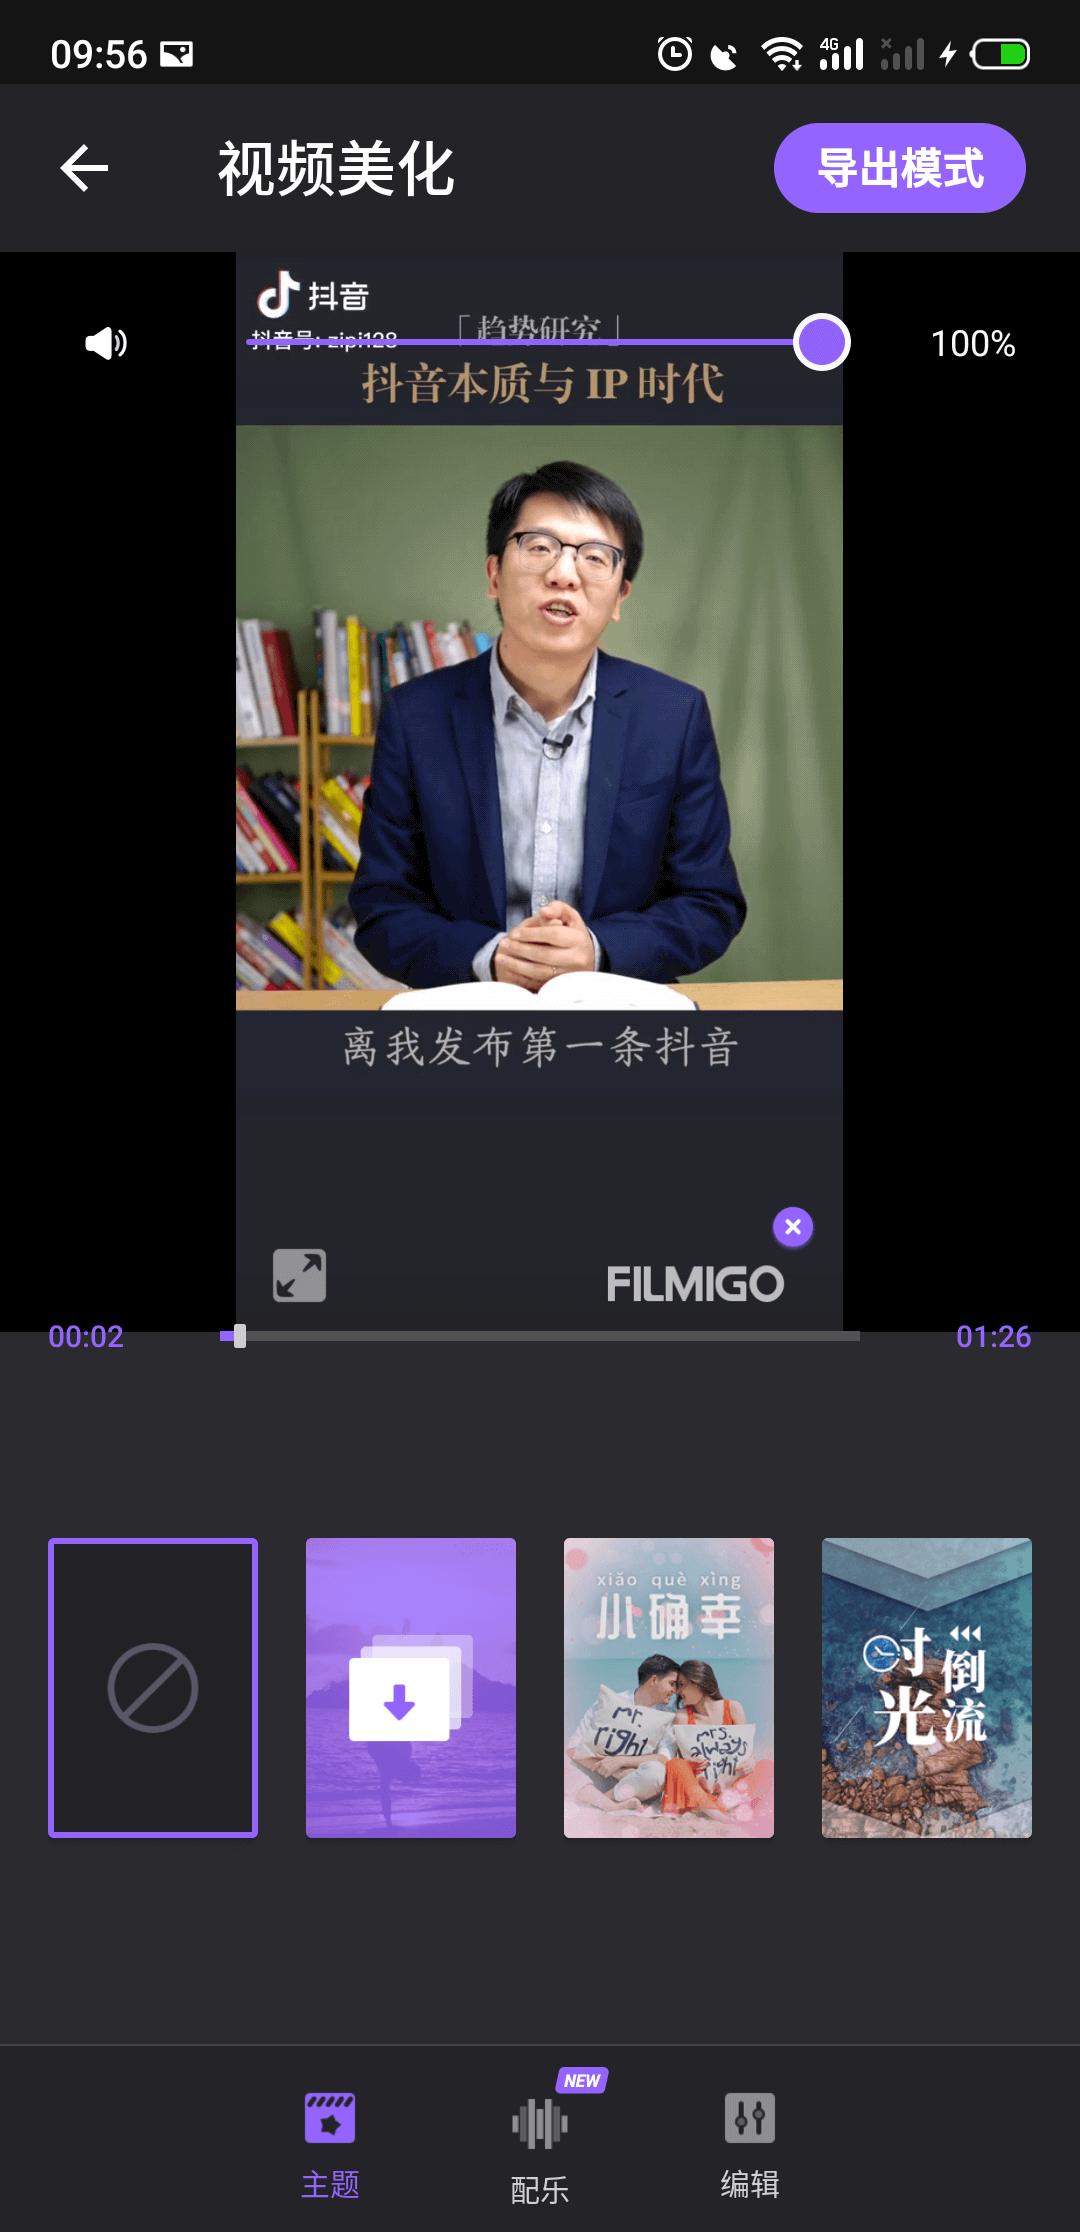 Filmigo视频编辑  编辑中视频剪辑